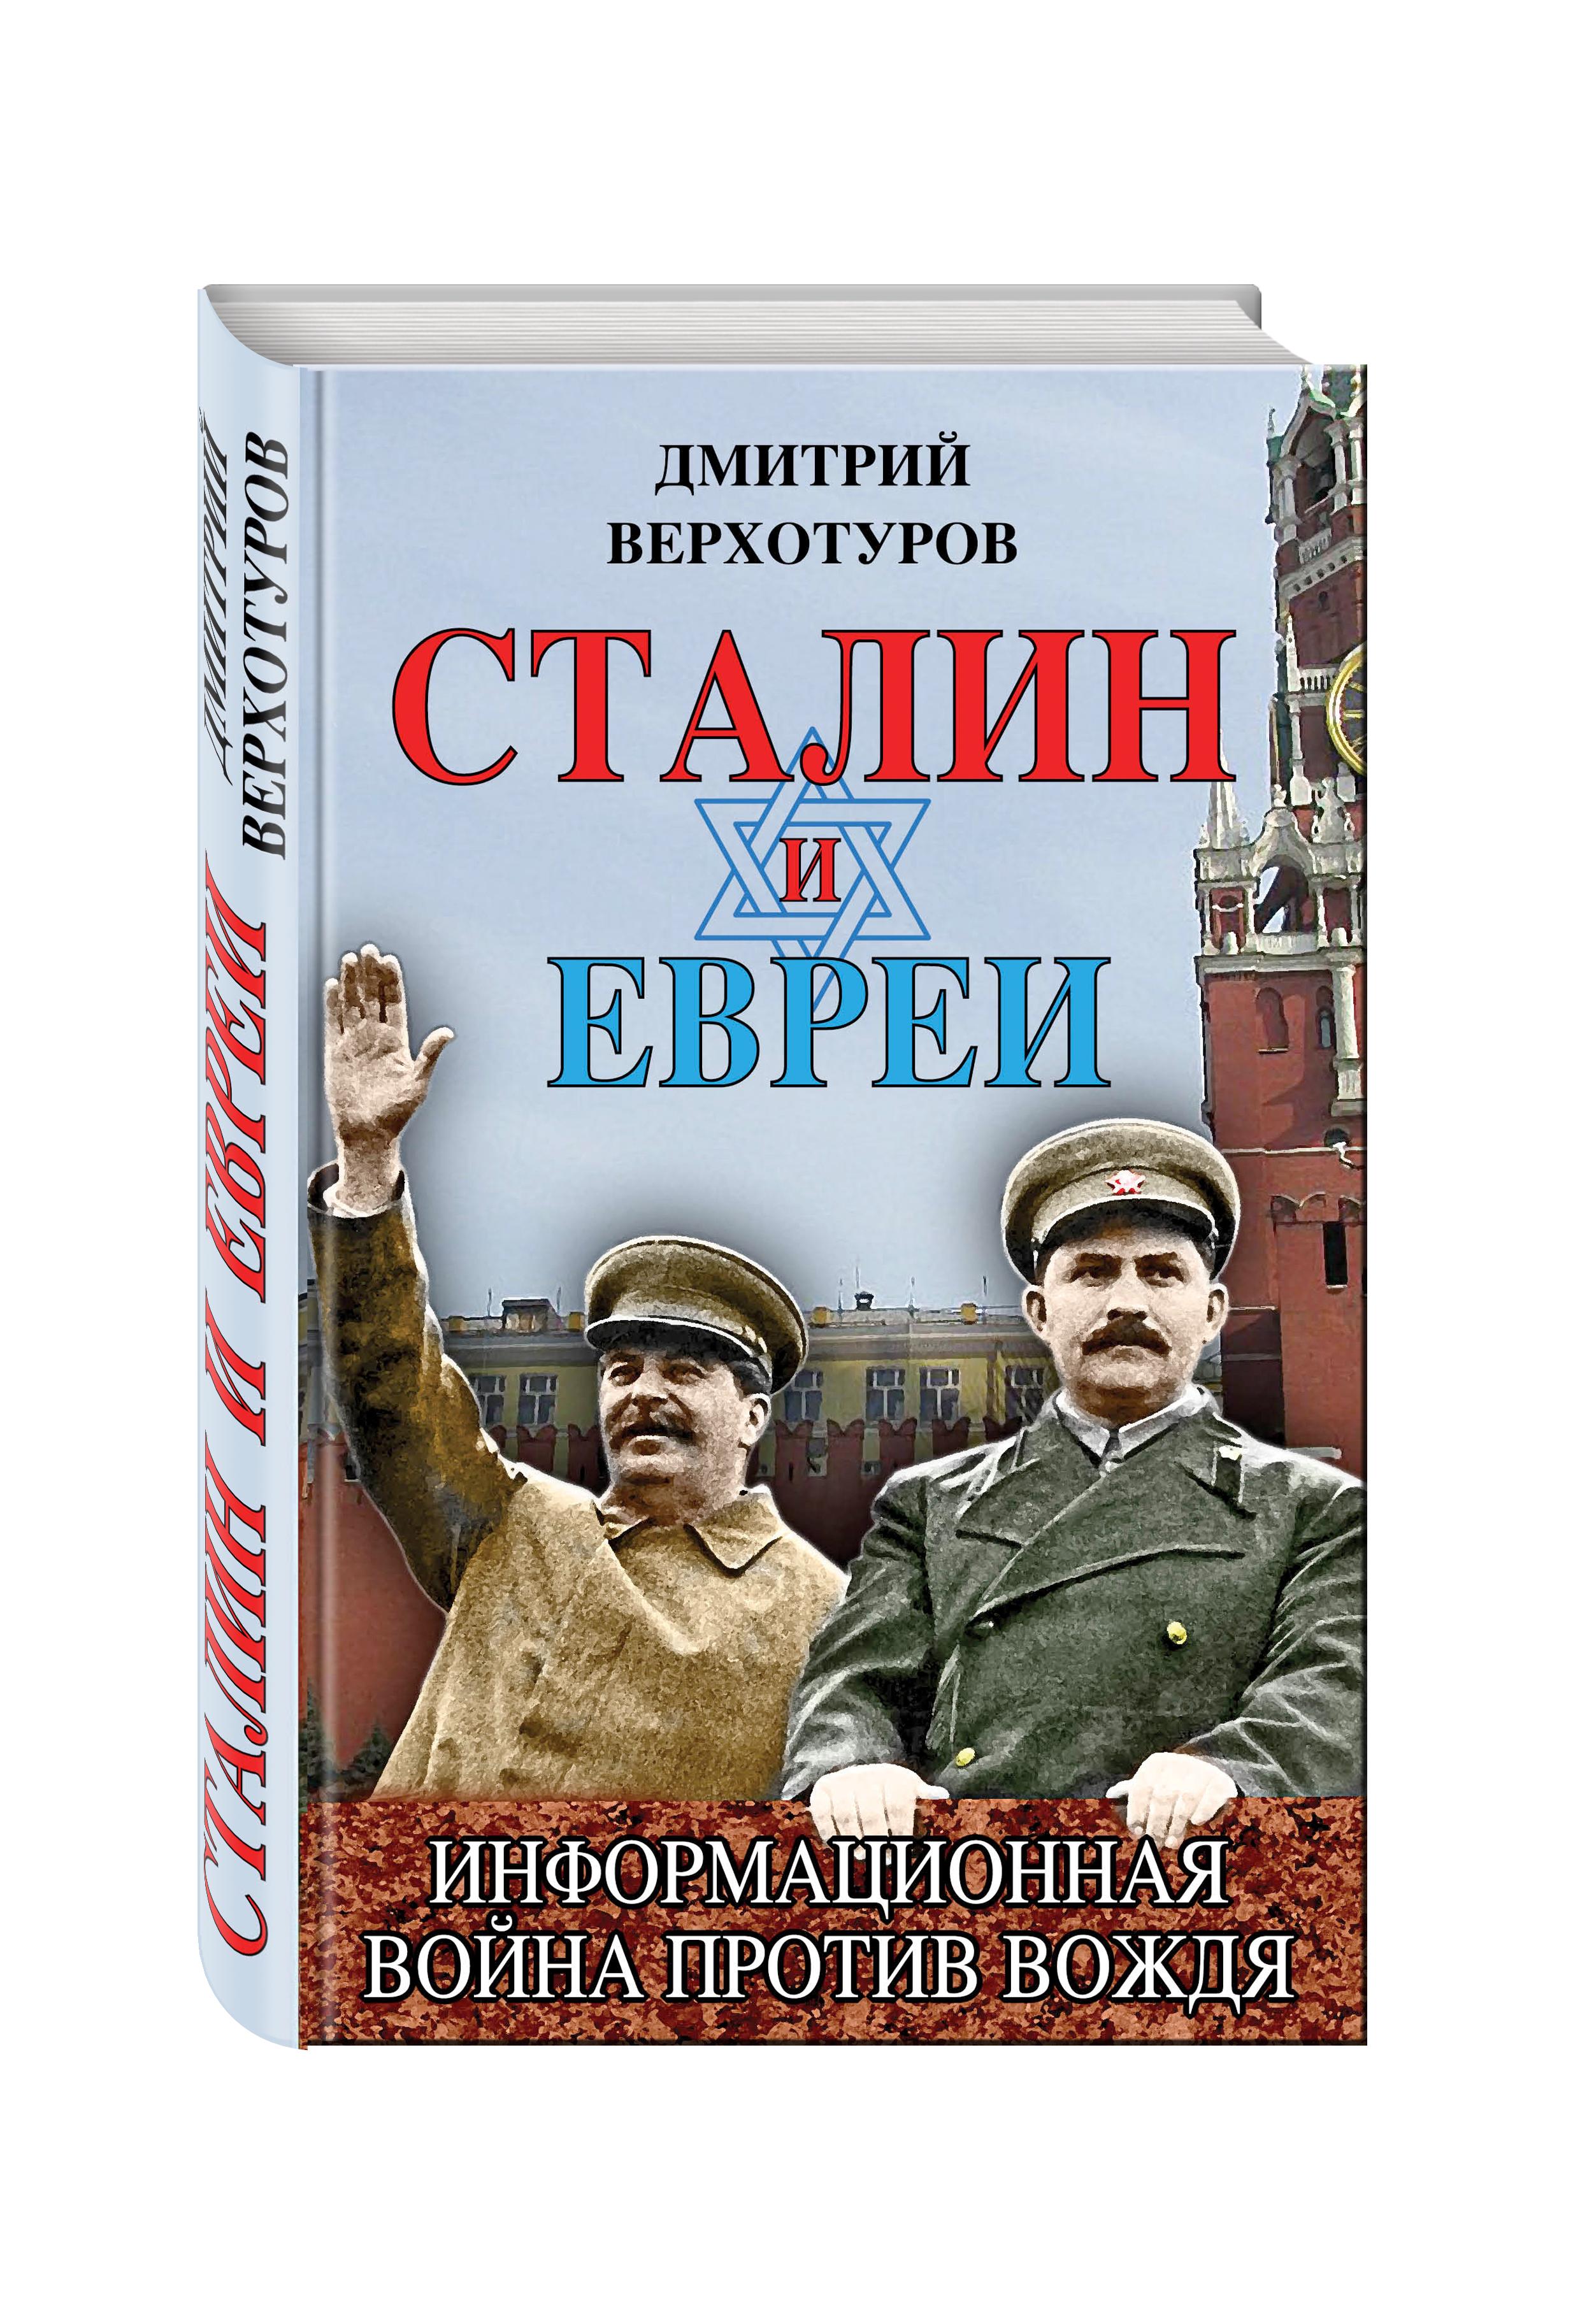 Сталин и евреи. Информационная война против Вождя ( Верхотуров Д.Н.  )